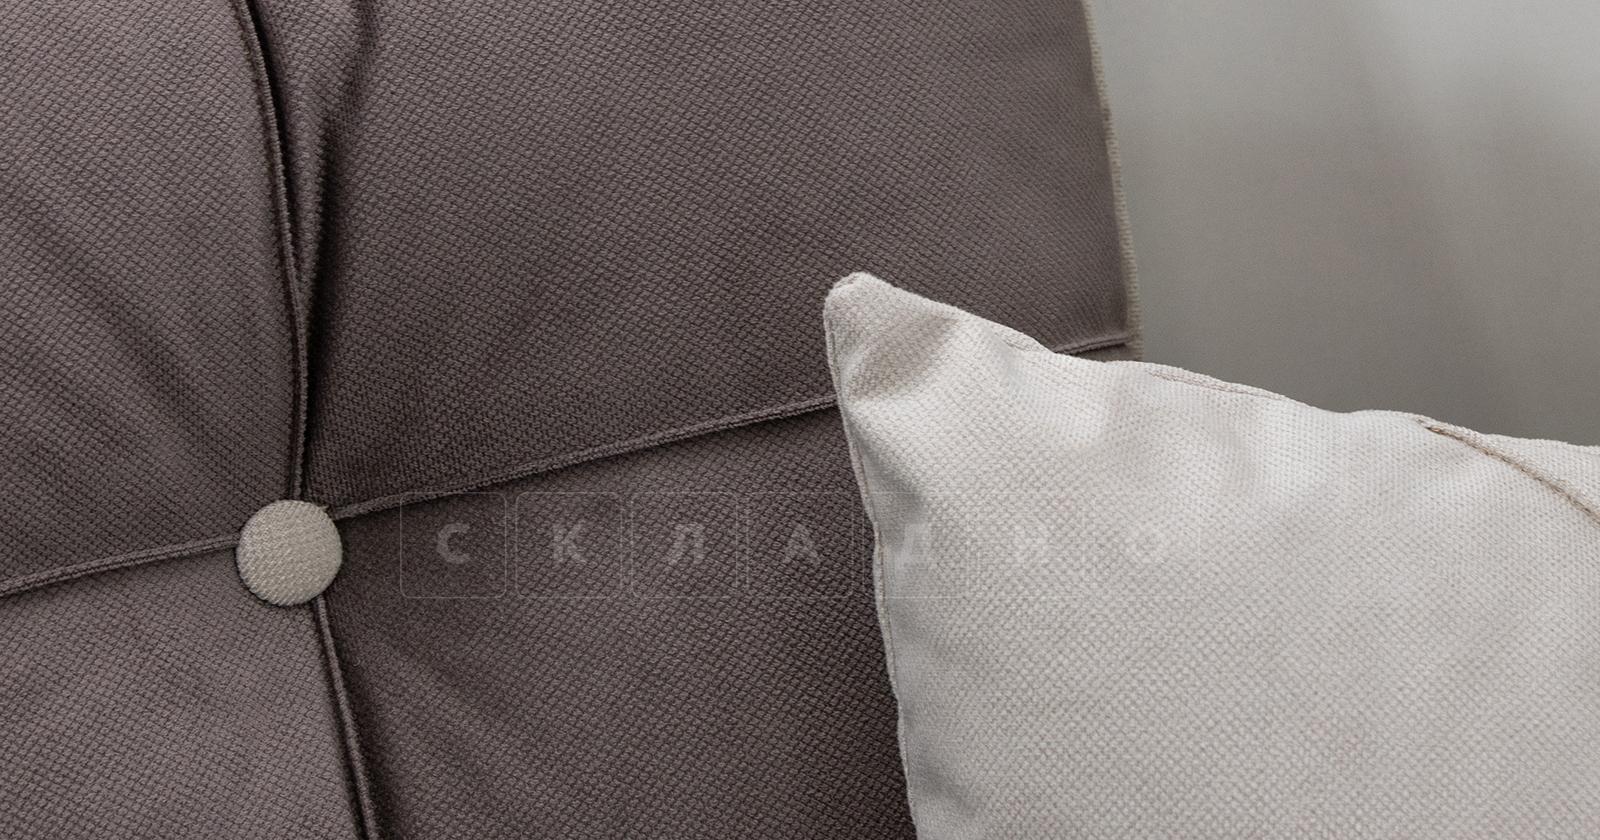 Диван-кровать угловой Флэтфорд шоколад фото 14 | интернет-магазин Складно